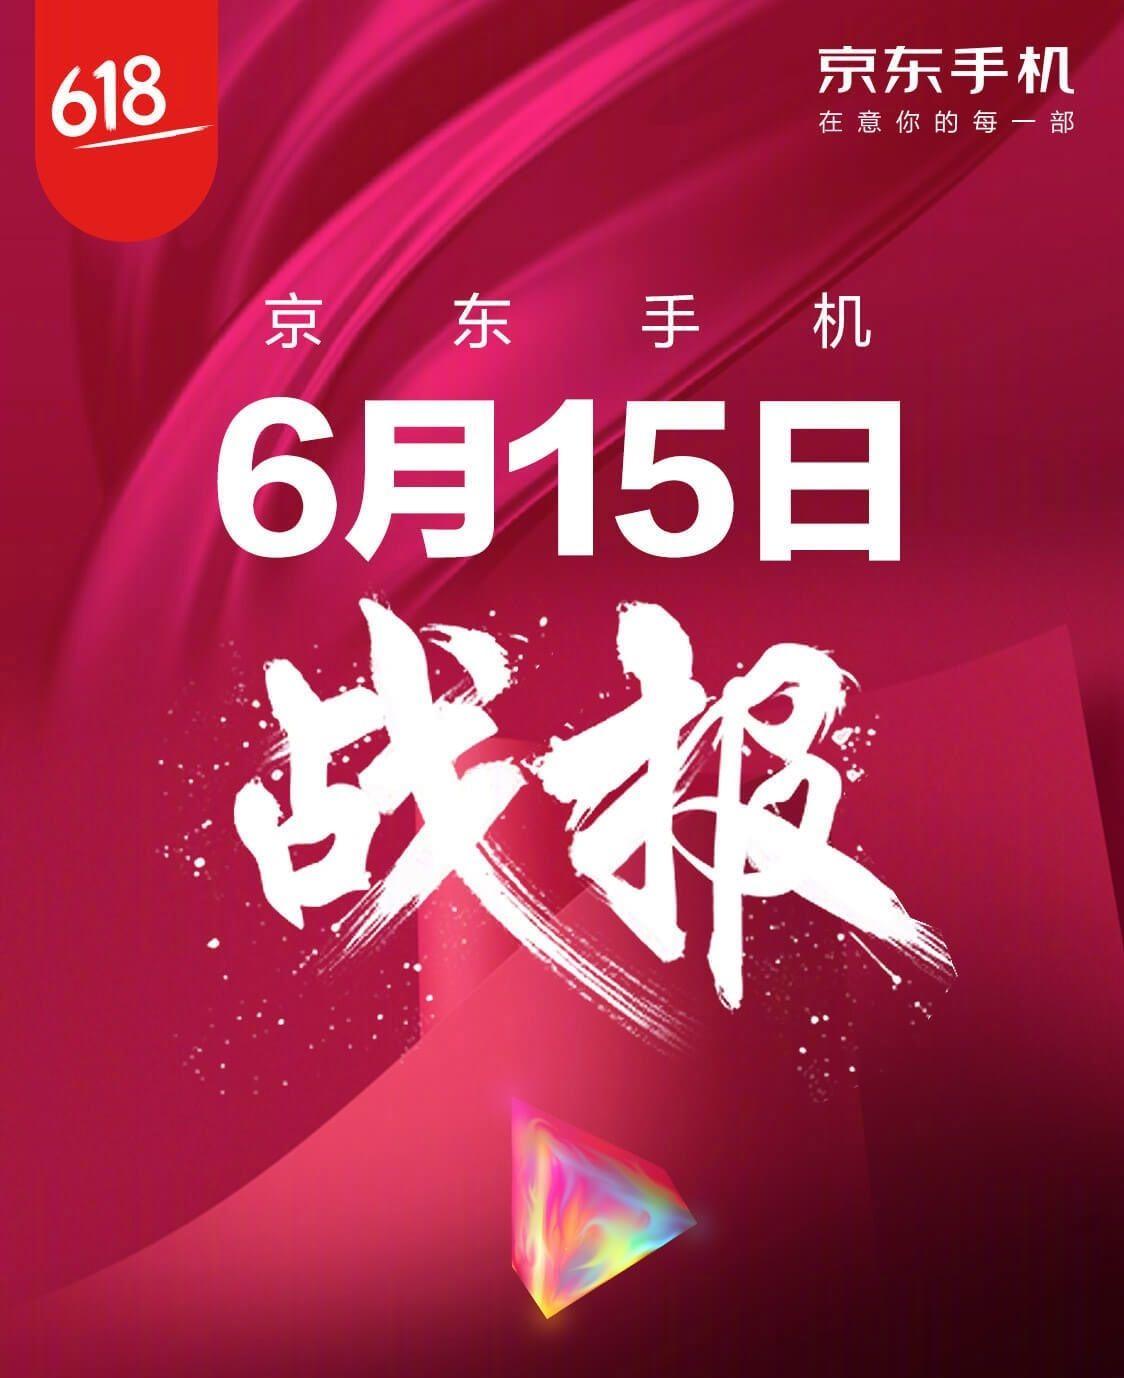 京東の「京東618(創業記念)セール」の15日目のランキングが公開。販売台数TOPはXiaomi